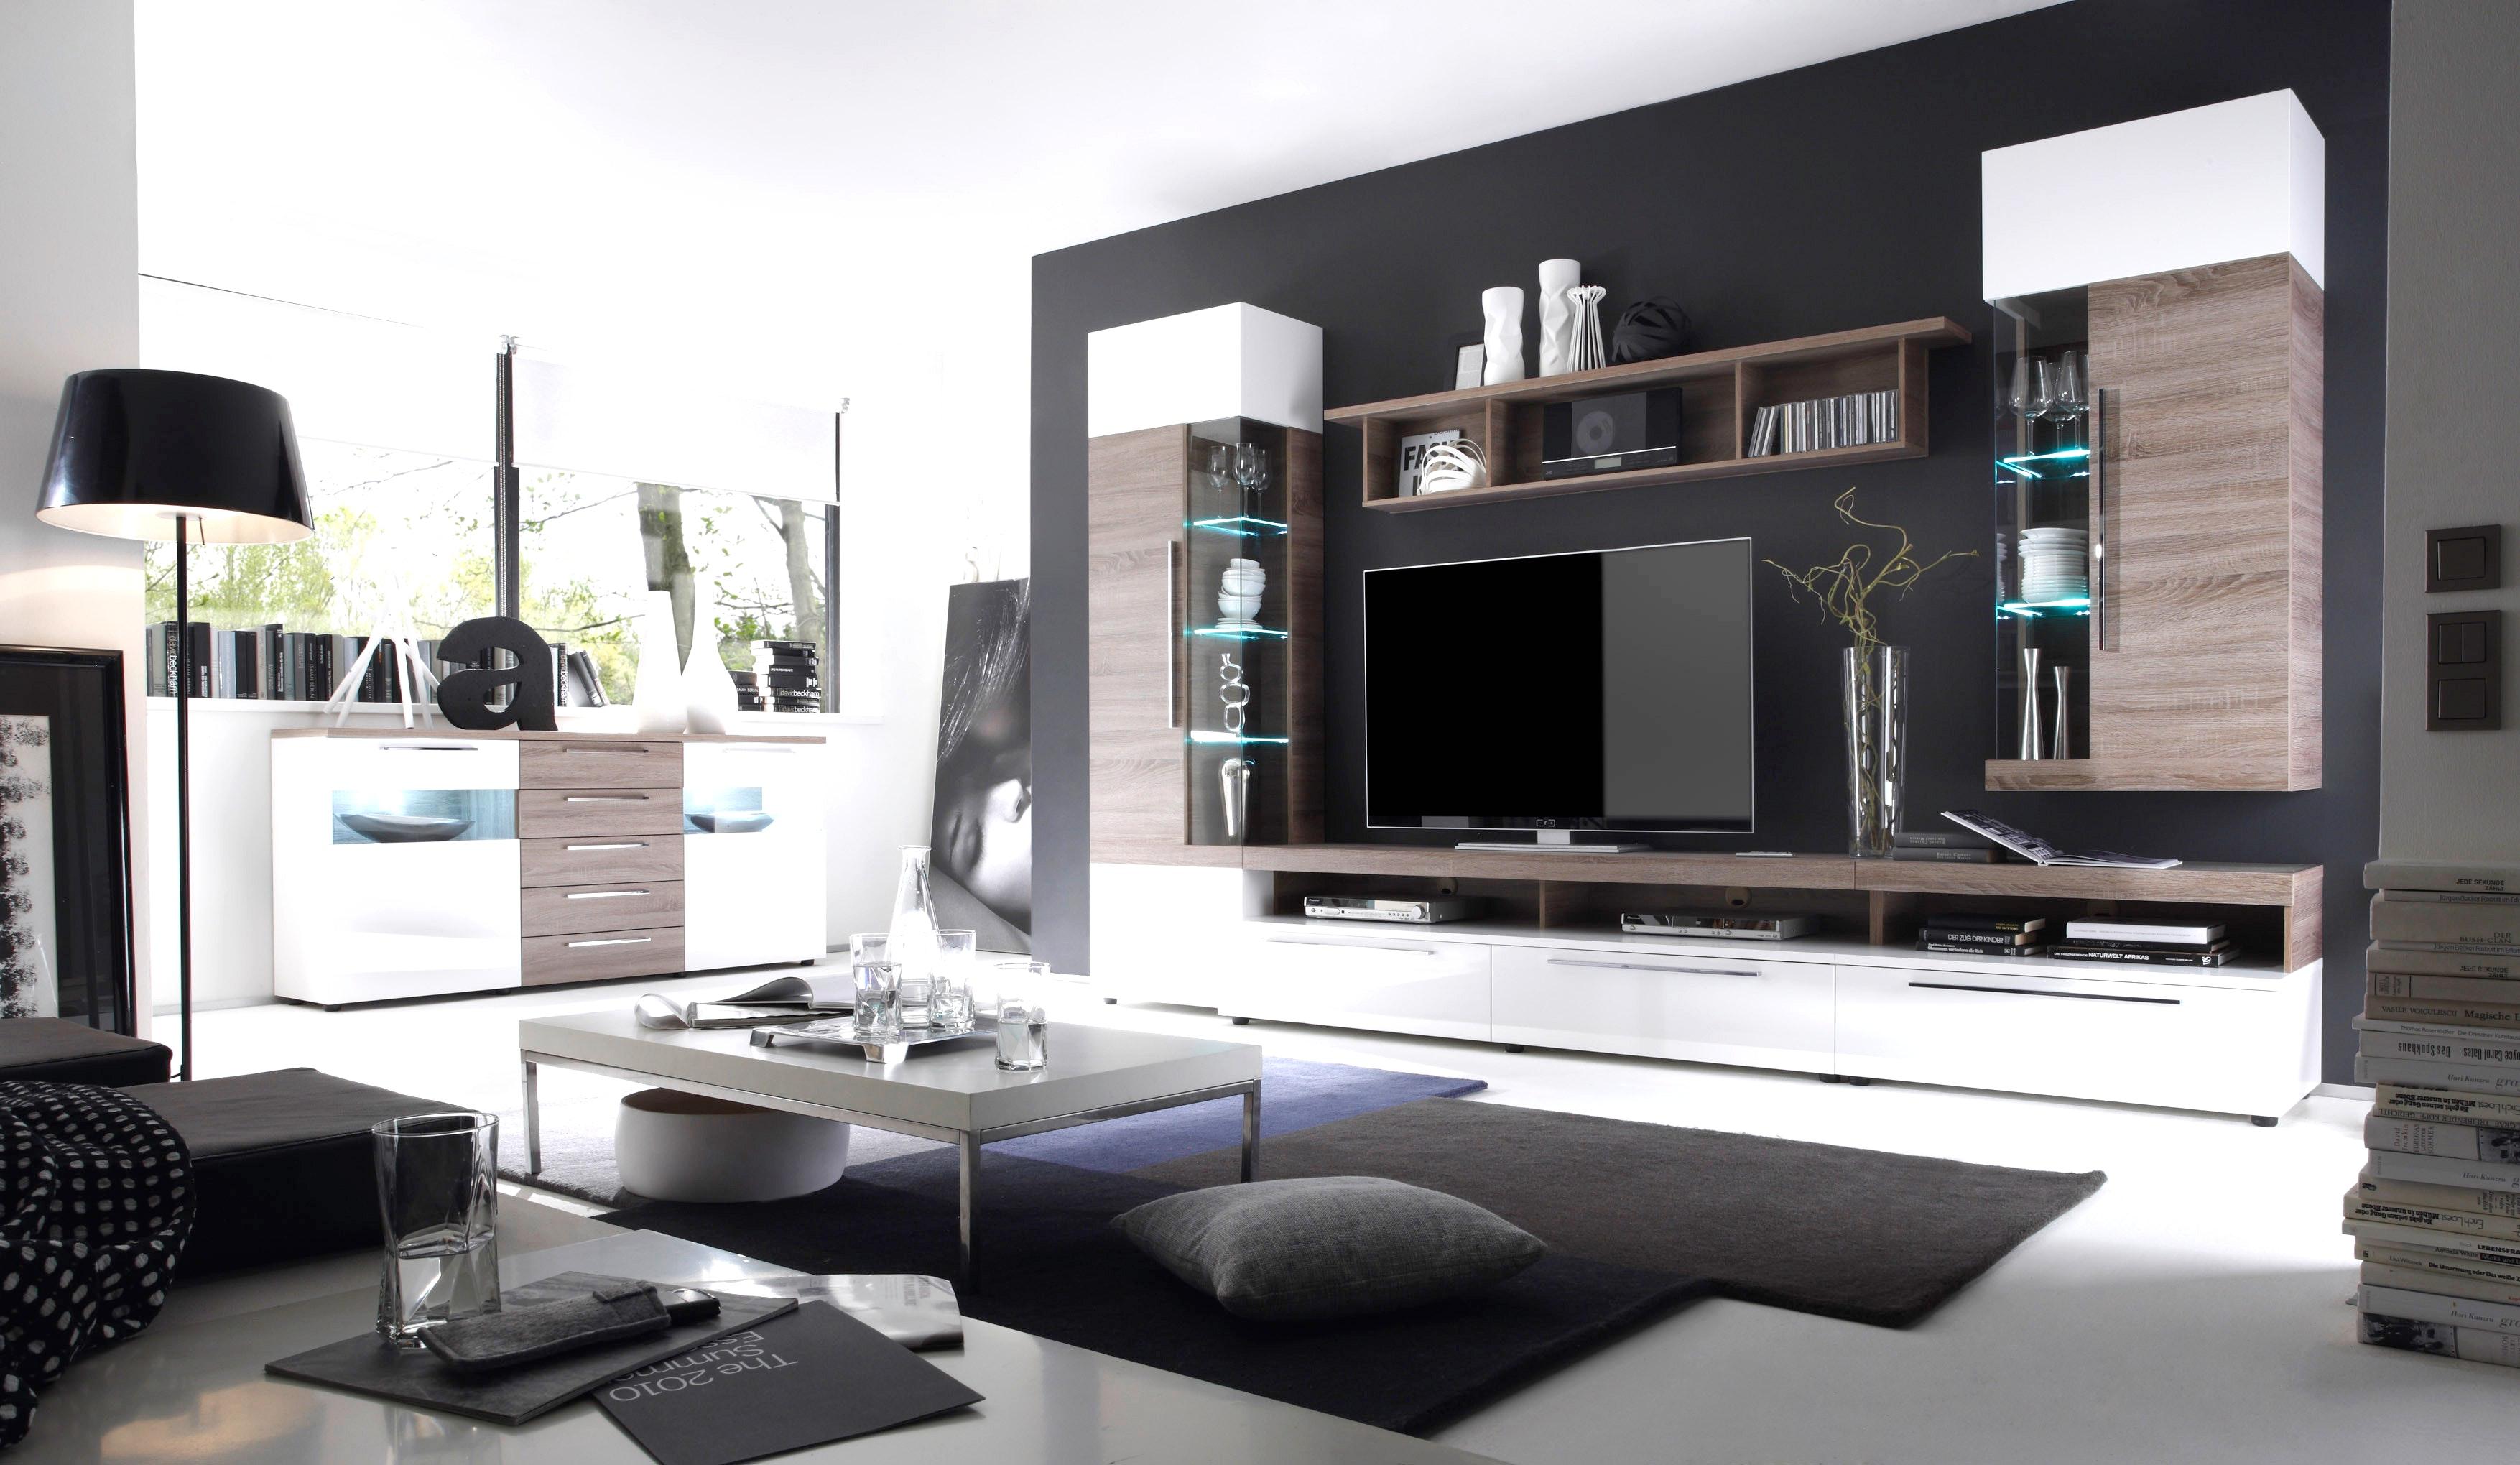 Moderne Wohnzimmer Schwarz Weiss Nett On Modern Auf Cool Modernes Laminat 2 Govconip Com 7